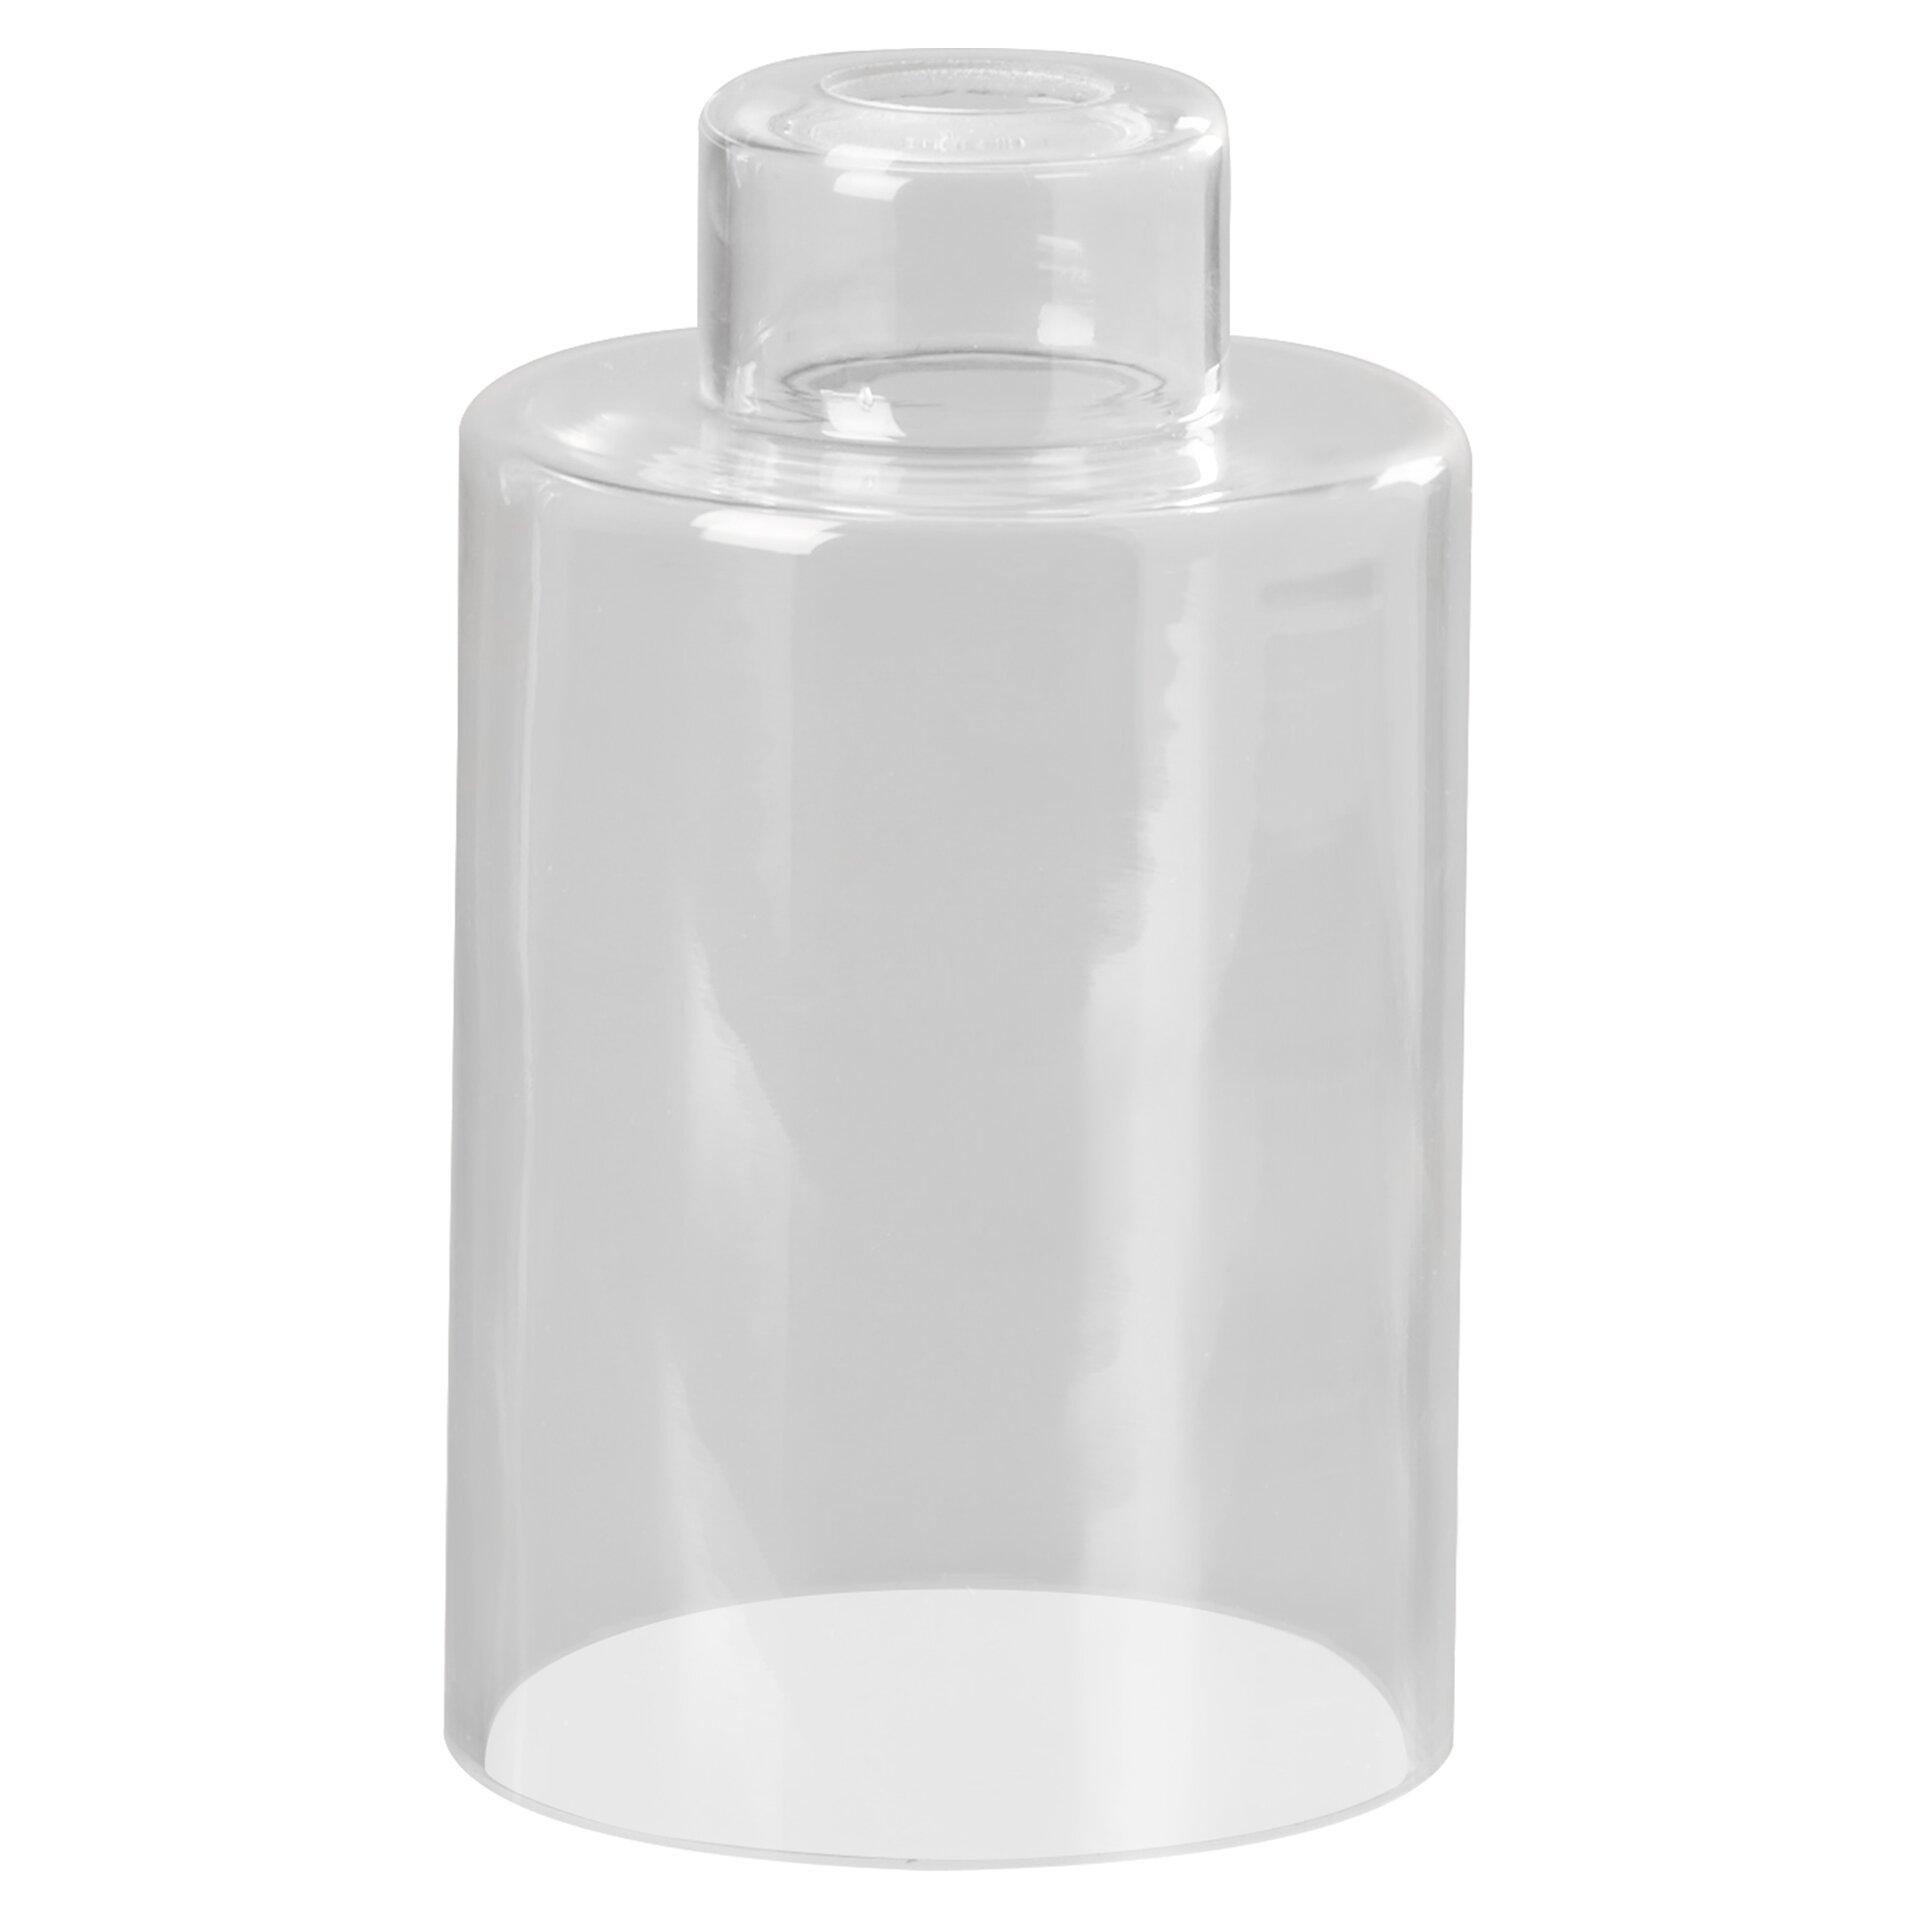 Philips Harmonize 4 Glass Cylinder Pendant Shade